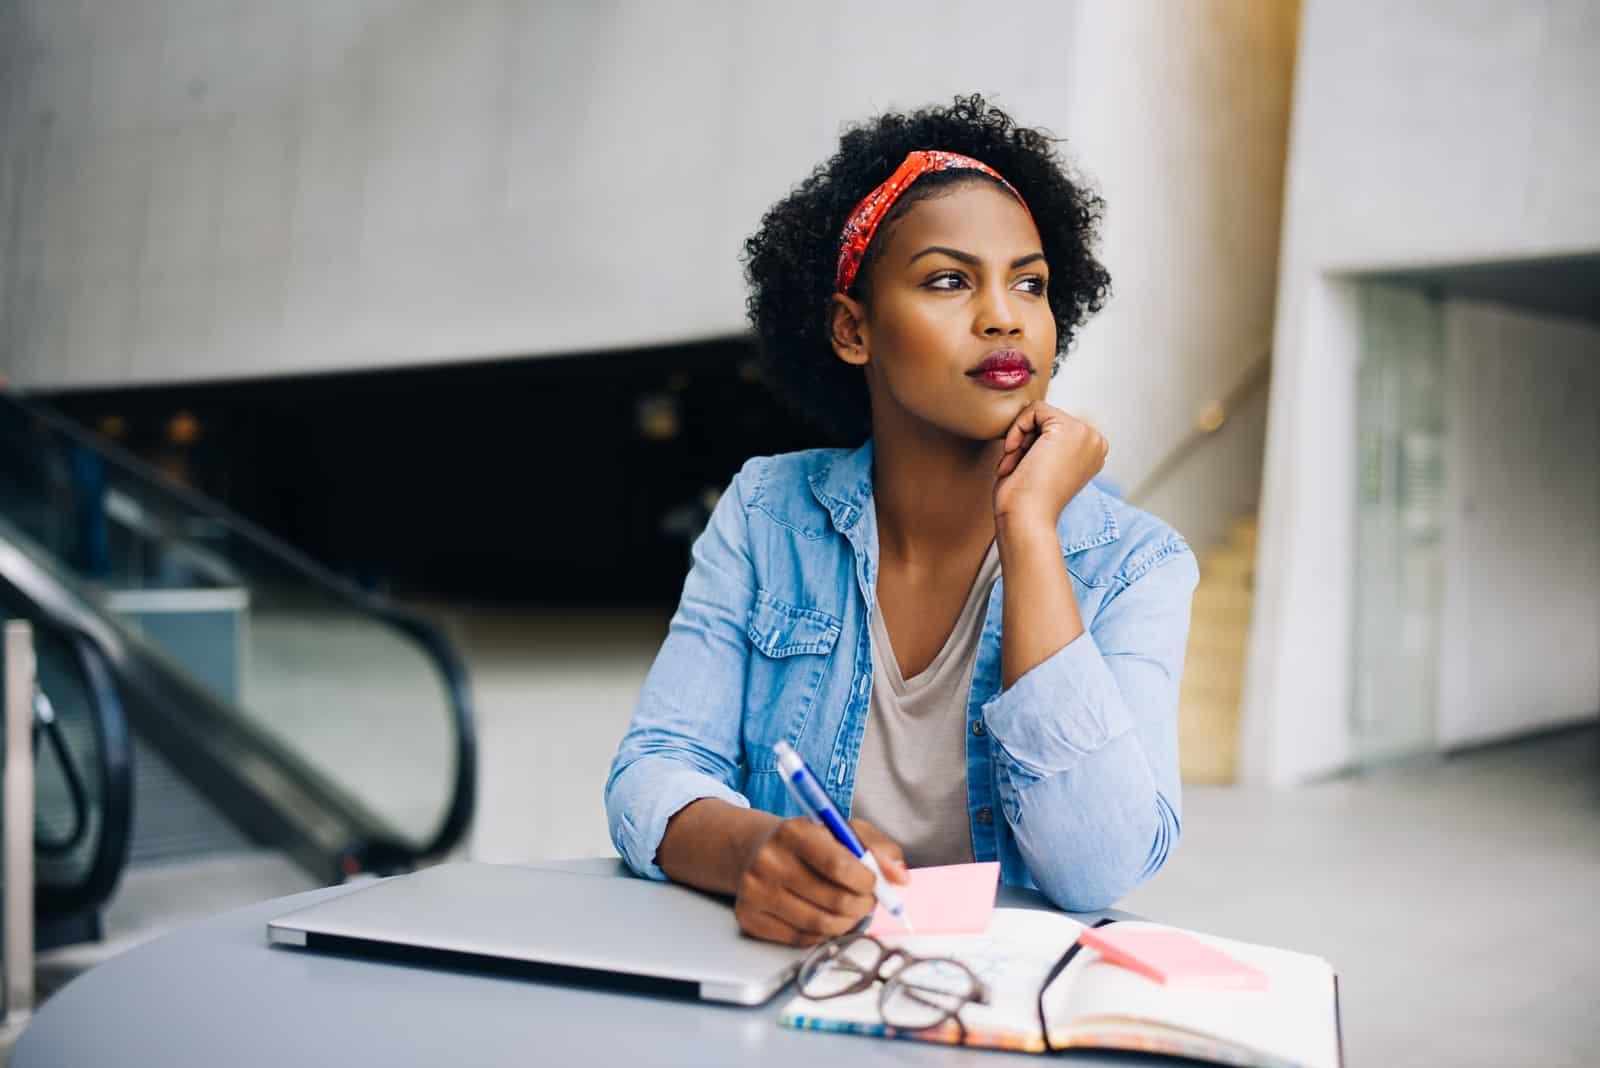 une femme imaginaire aux cheveux crépus est assise à une table et écrit